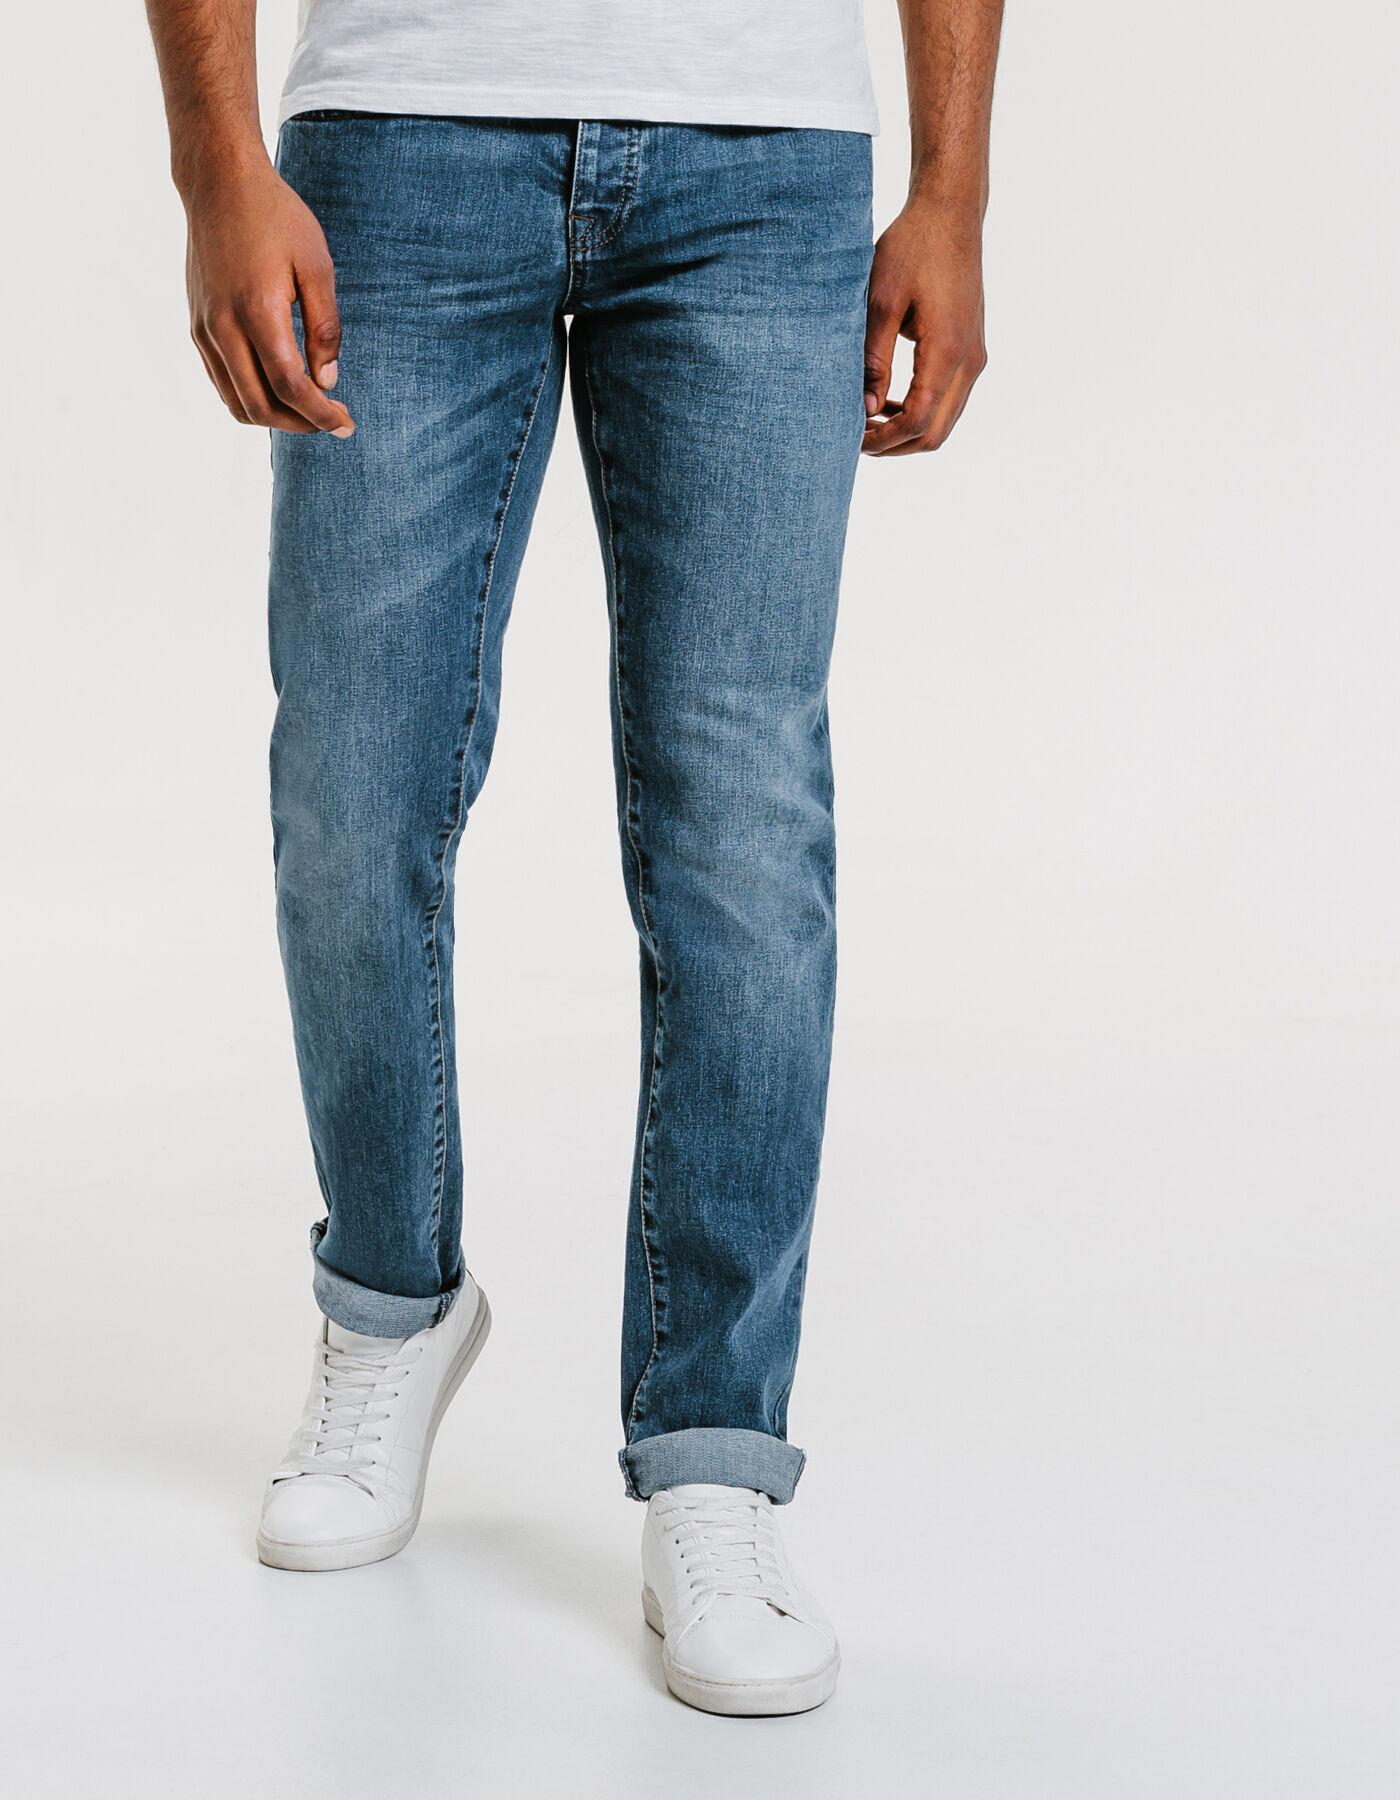 jeans homme kaporal